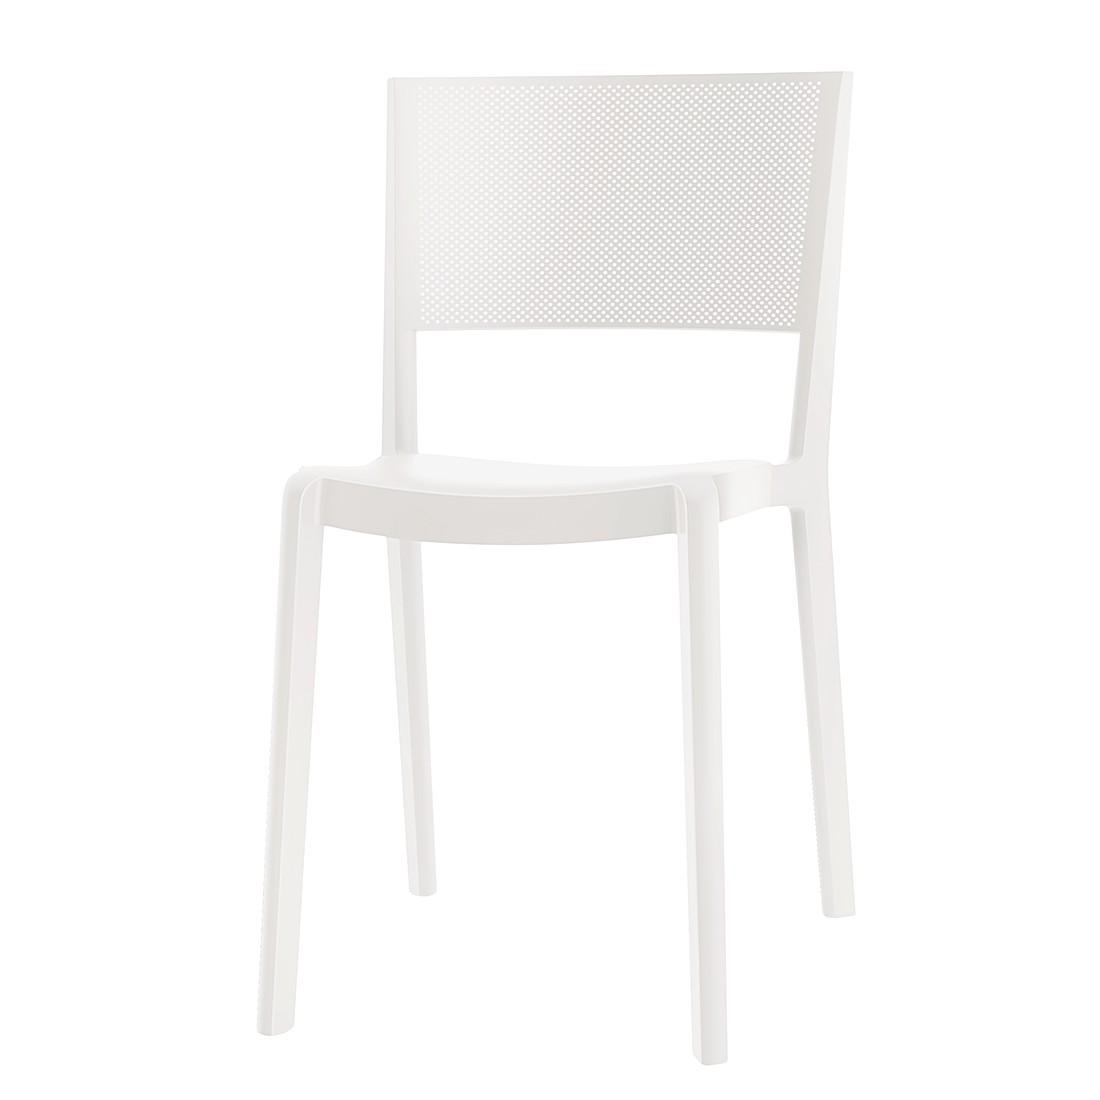 Stuhl Spot (2er-Set) - Weiß, Viggo